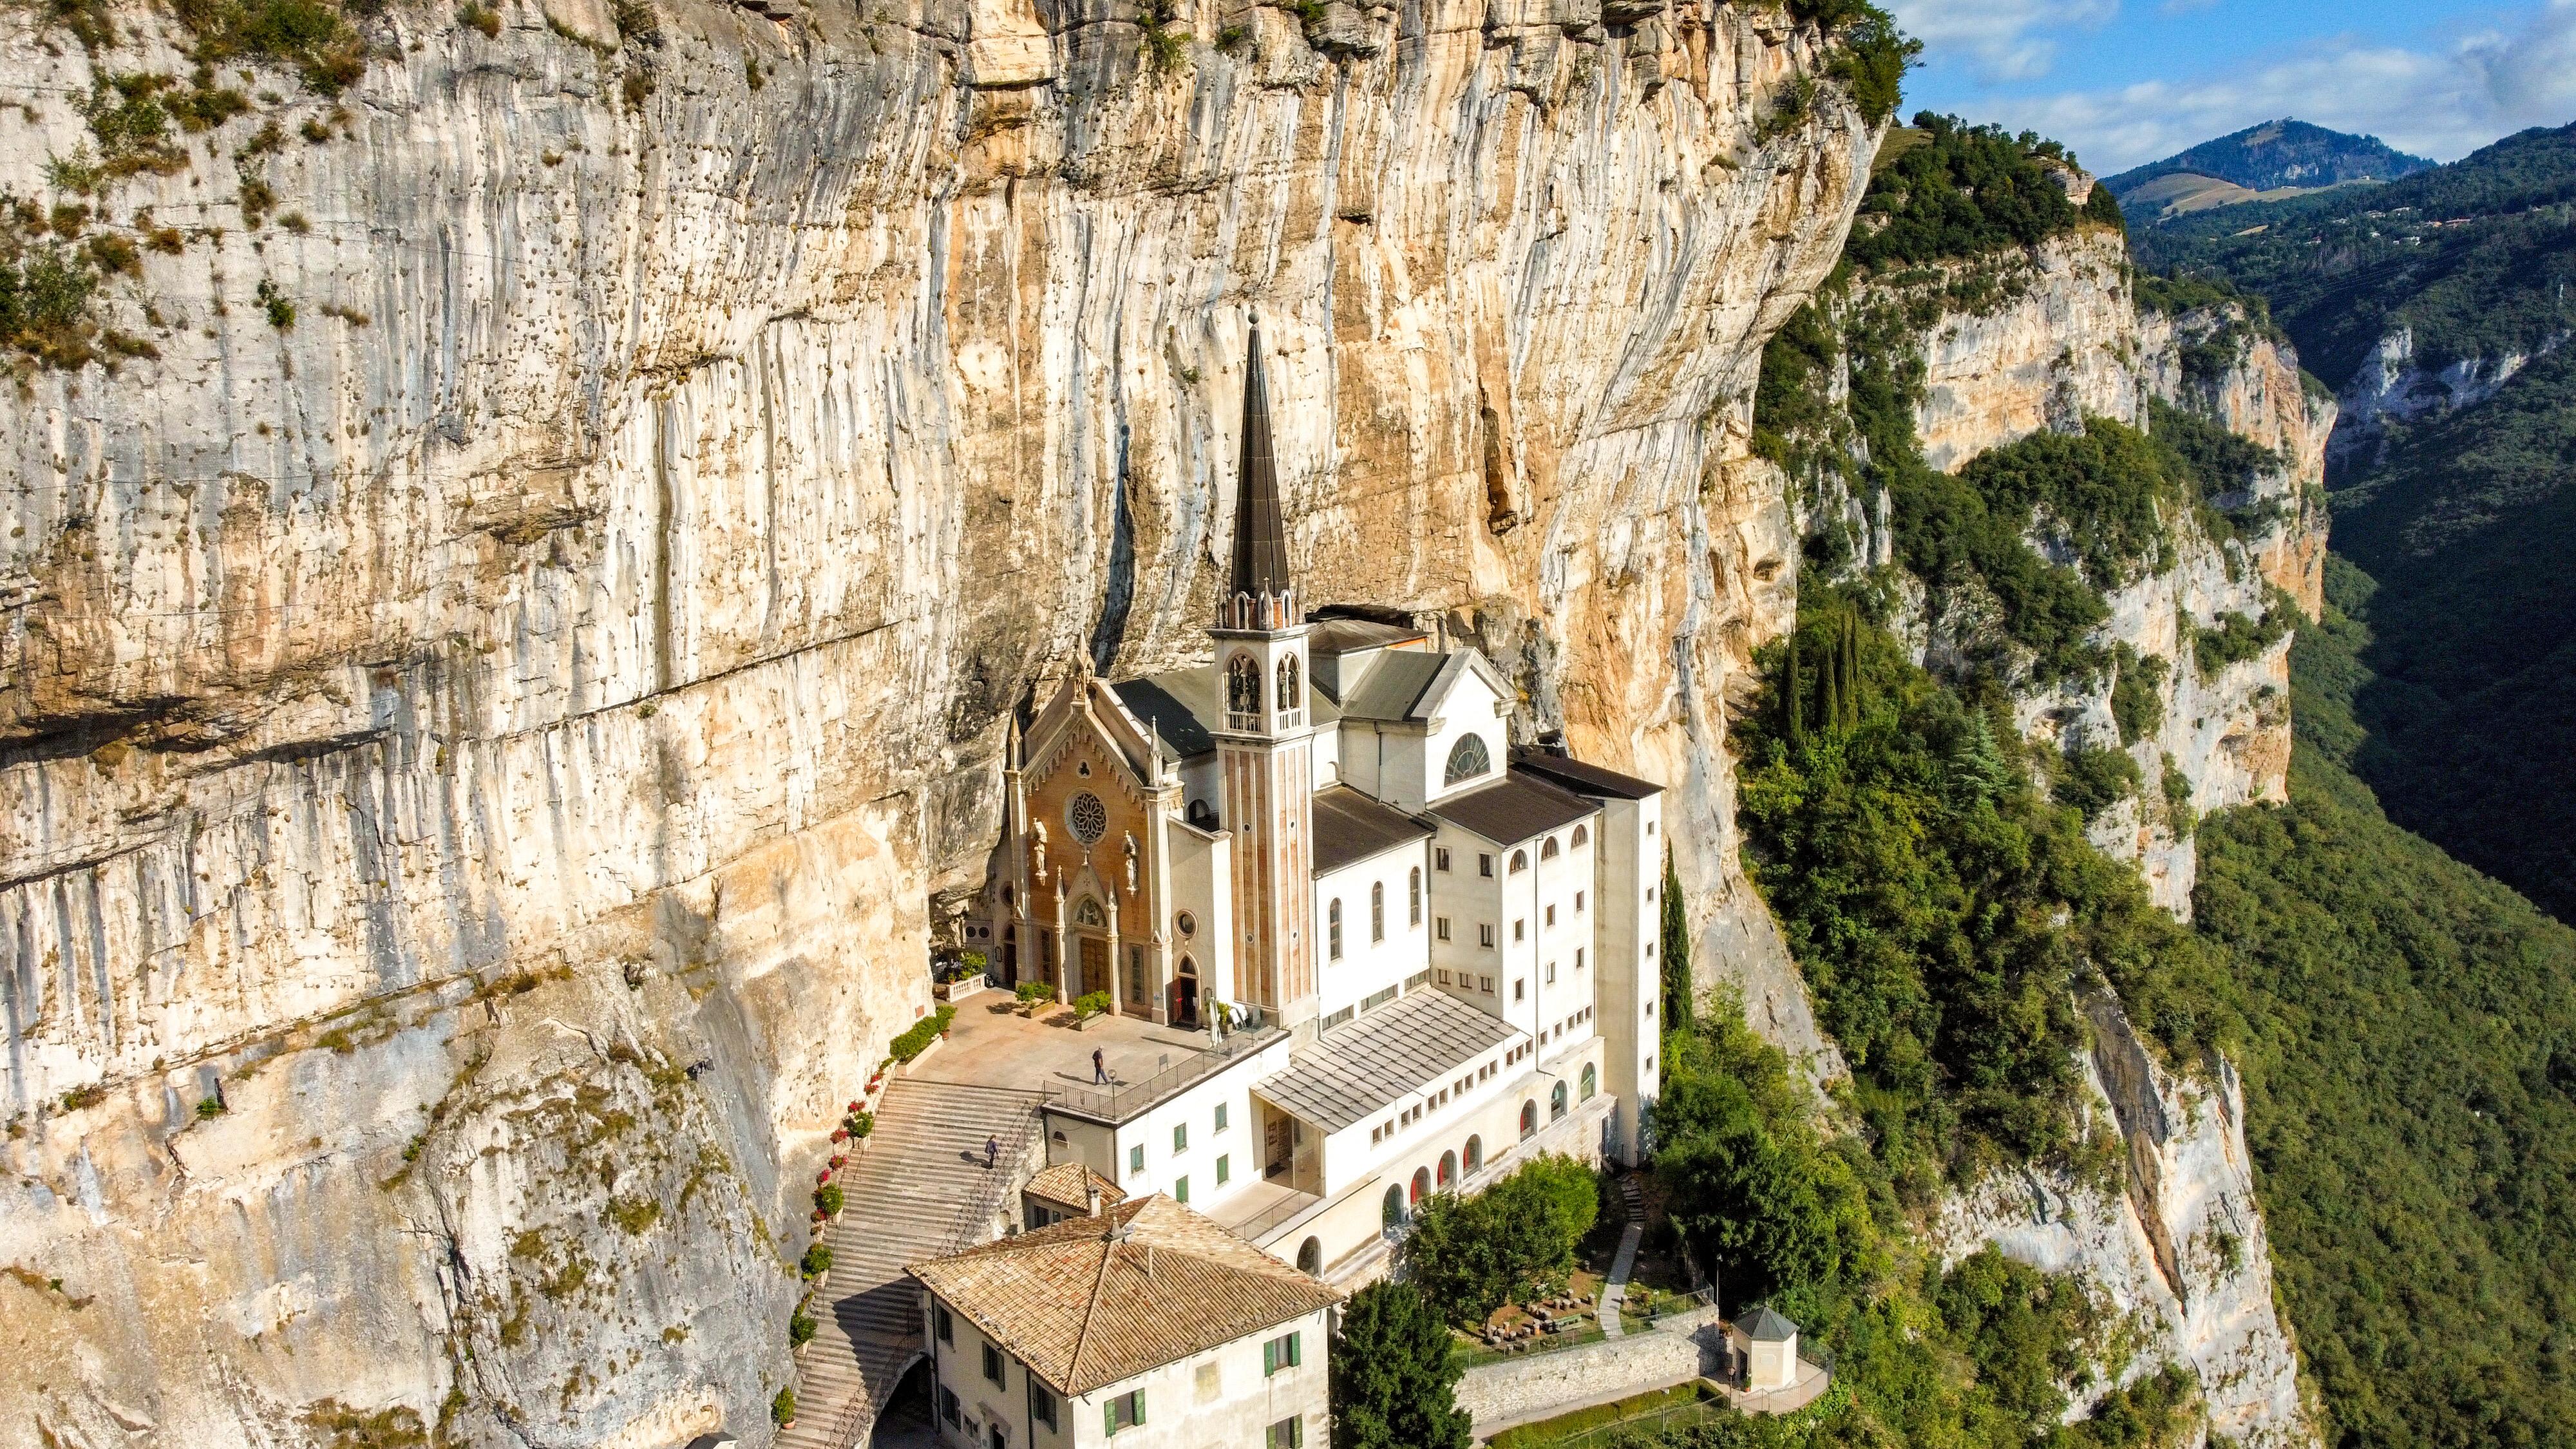 Italia - Italy - Casale Management - Travel - Ferrara di Monte Baldo - Verona - Lago di Garda - Santuario Madonna della Corona - Cover - Header